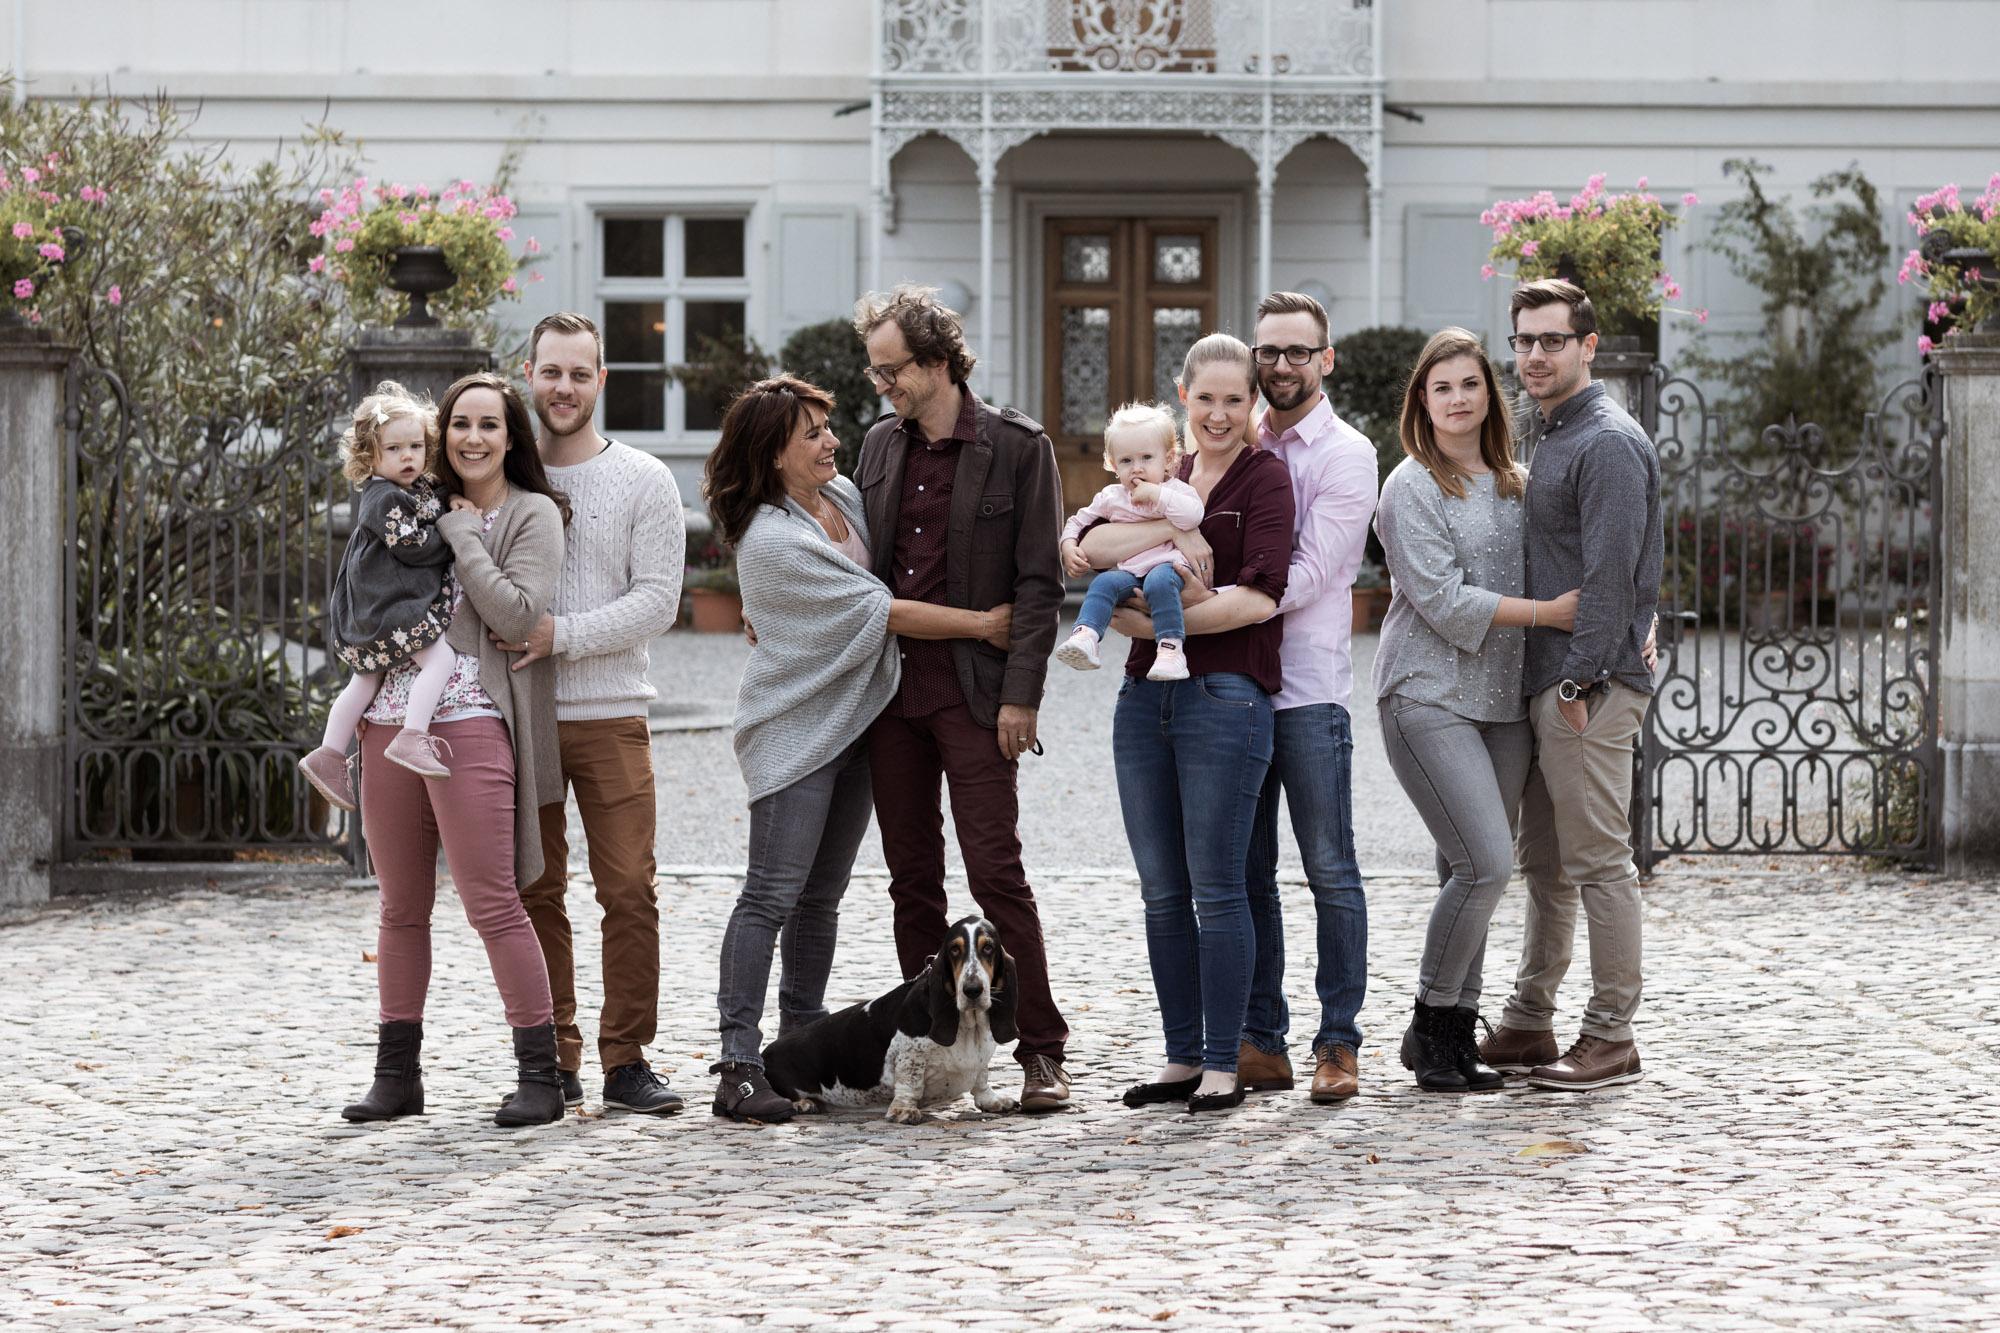 3 Generationen beim Familien Fotoshooting in den Merian Gärten - Fotograf Nicole.Gallery aus Basel